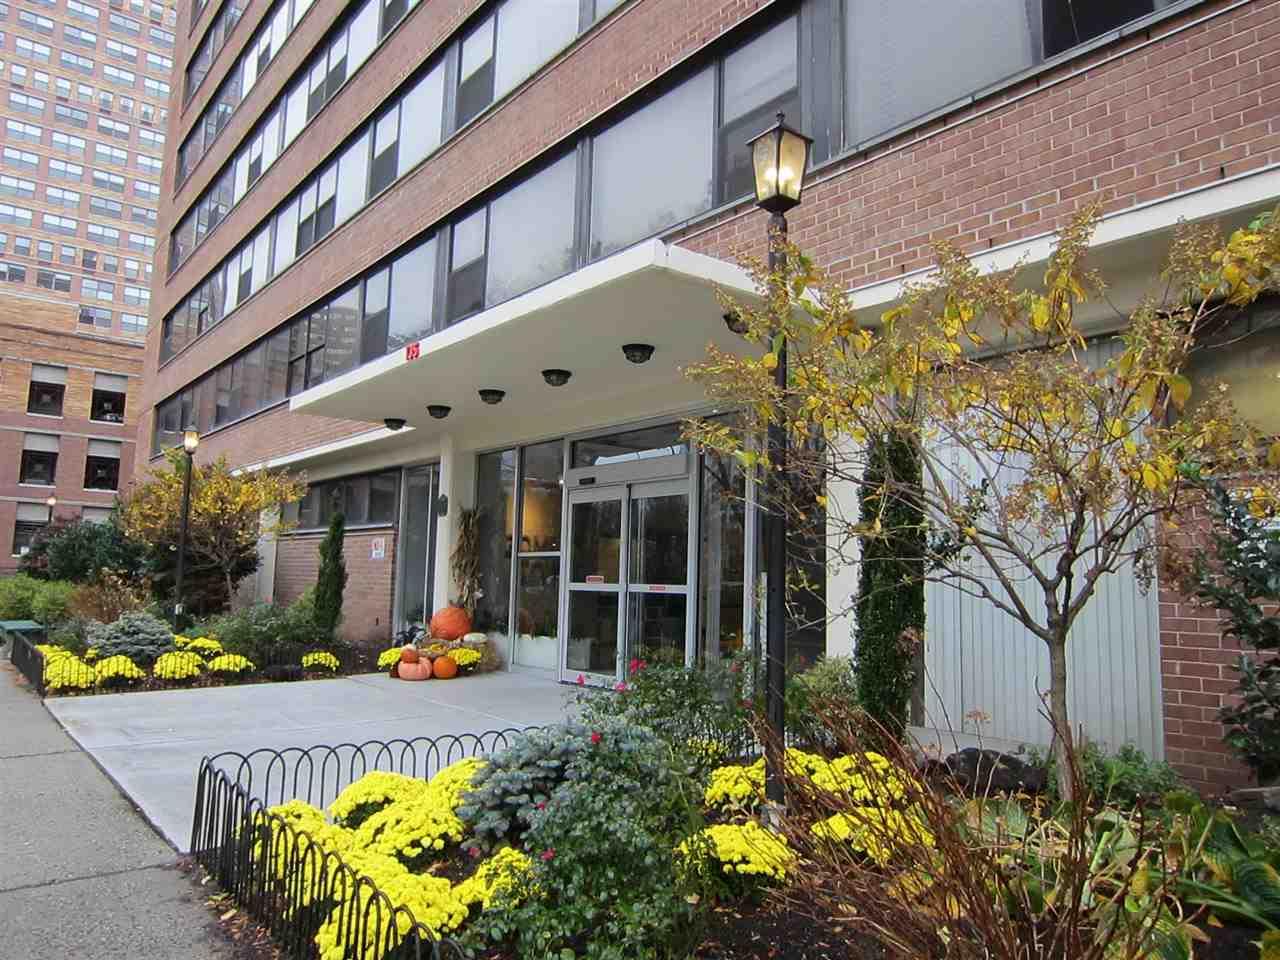 135 MONTGOMERY ST 15F, JC, Downtown, NJ 07302